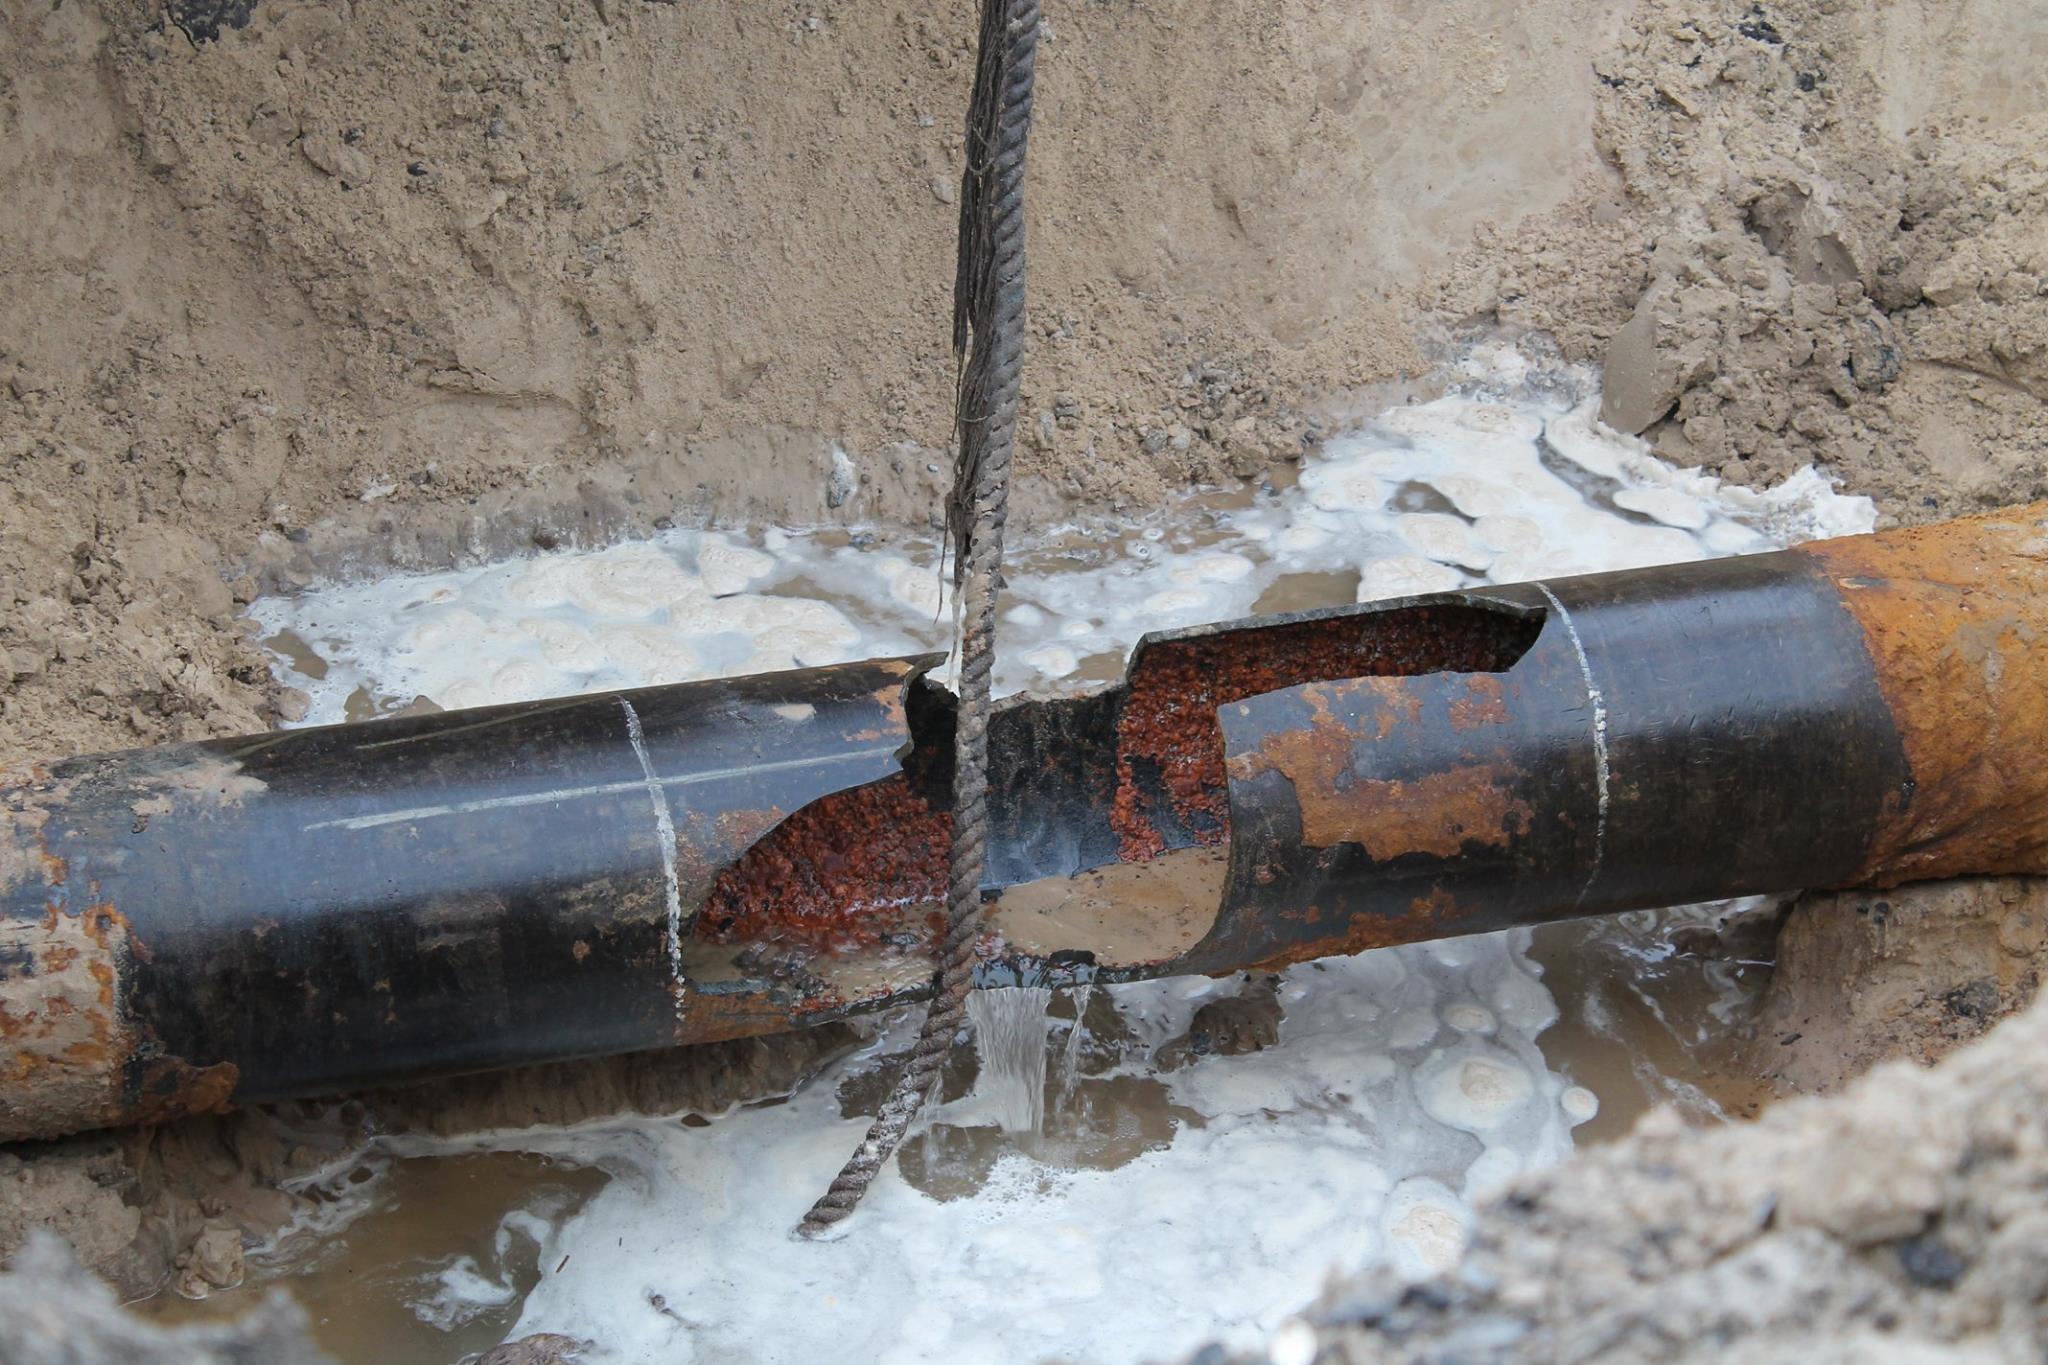 Что делать, когда в газовую трубу попала вода: обзор вариантов устранения проблемы и возможных последствий